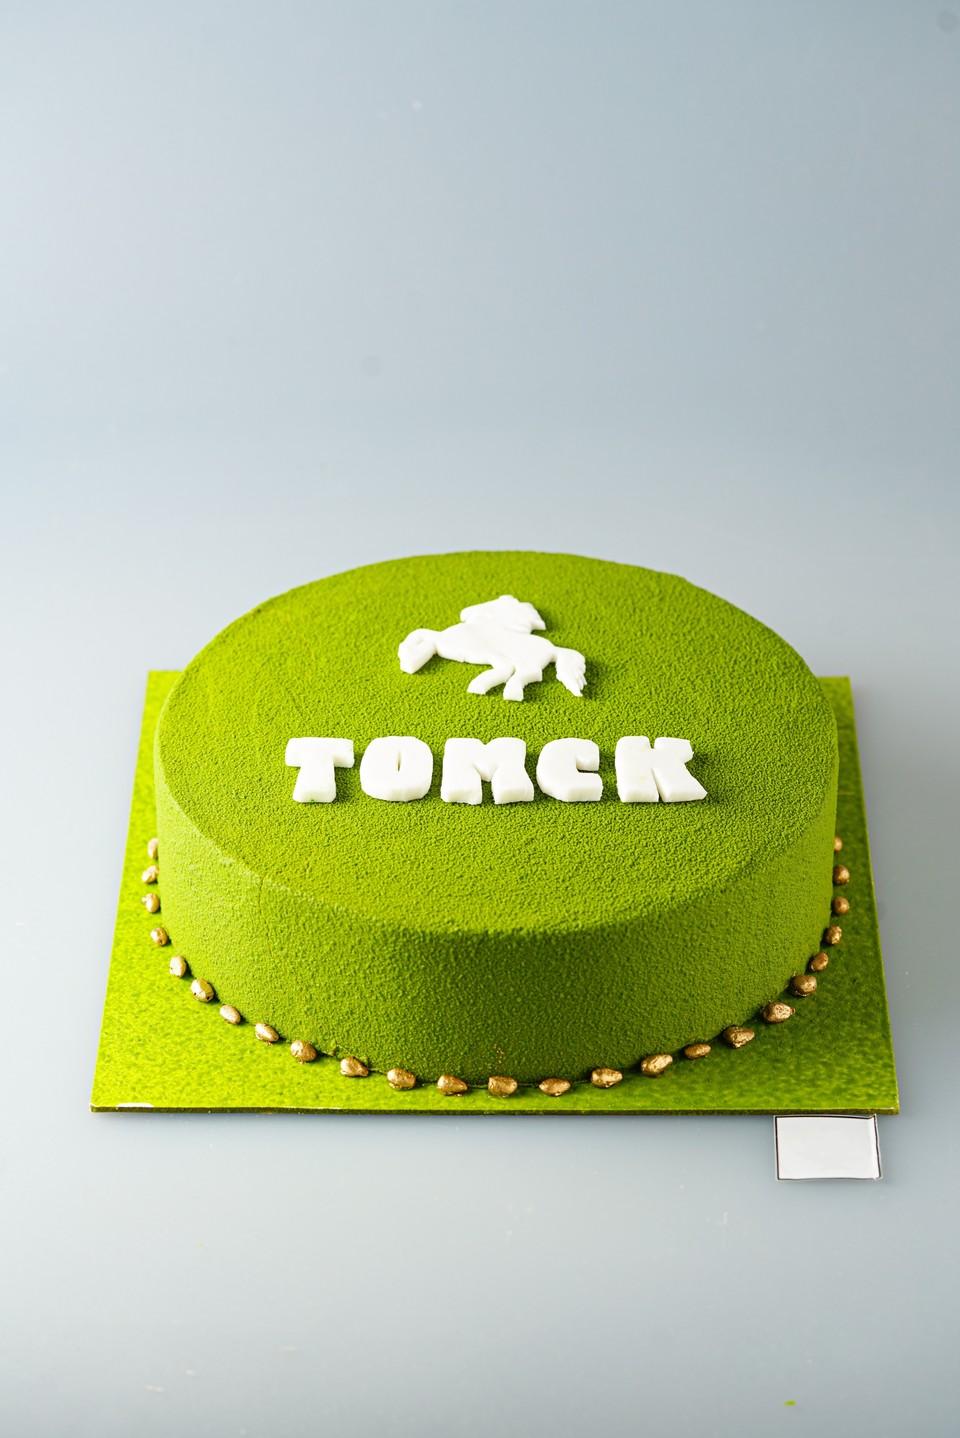 Оформление торта выполнено в технике велюр, в характерной для Томской области зеленой цветовой гамме, с нанесением названия и символа города. Нижний кант украшен кедровыми орешками.